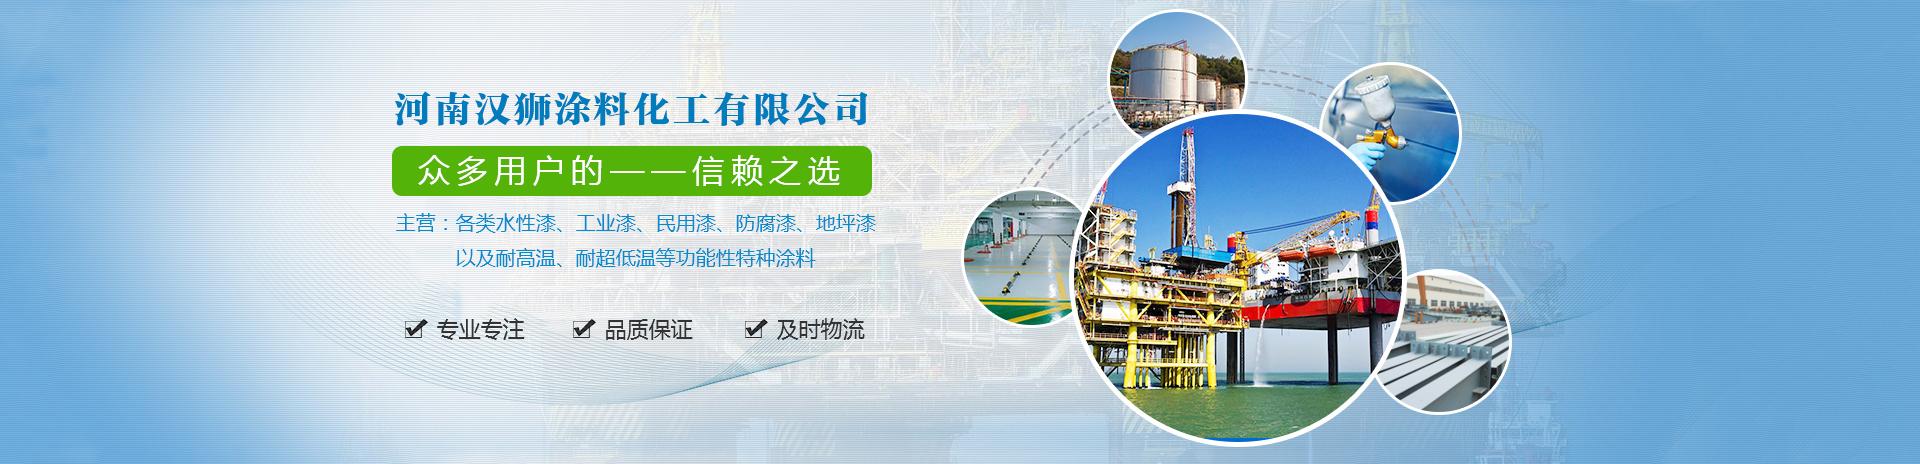 河南省汉狮yabovip206化工有限公司